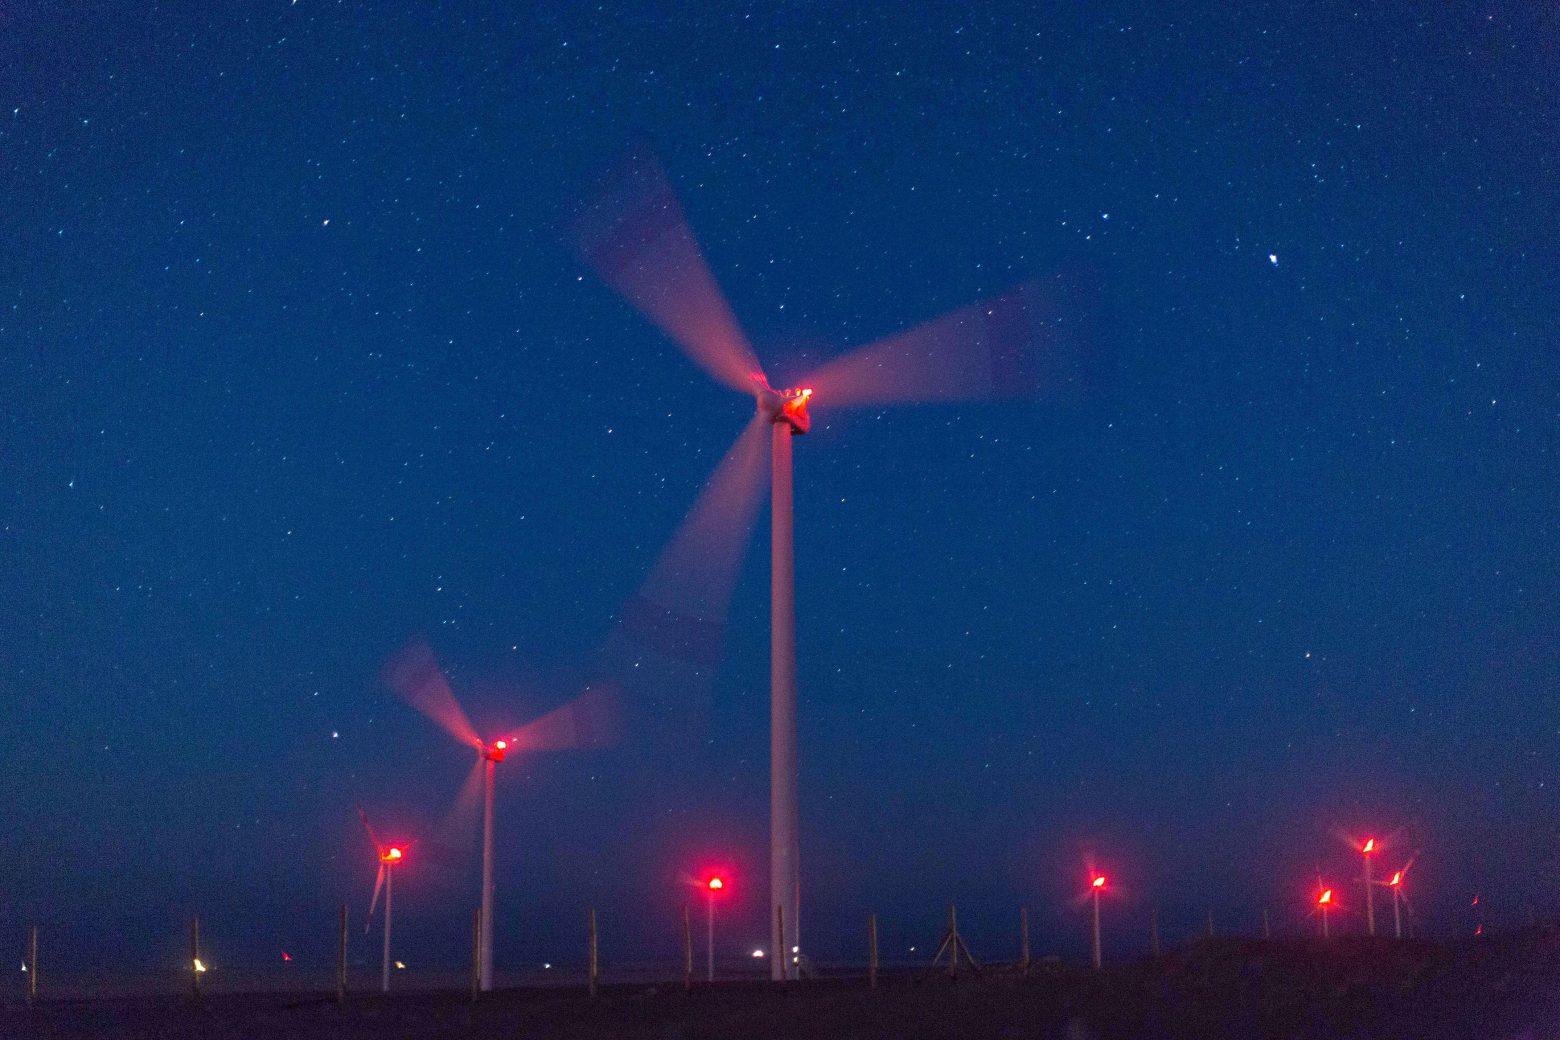 Κλιματική αλλαγή – Οι ανανεώσιμες πηγές ενέργειας ξεπέρασαν τα ορυκτά καύσιμα στην ΕΕ - in.gr